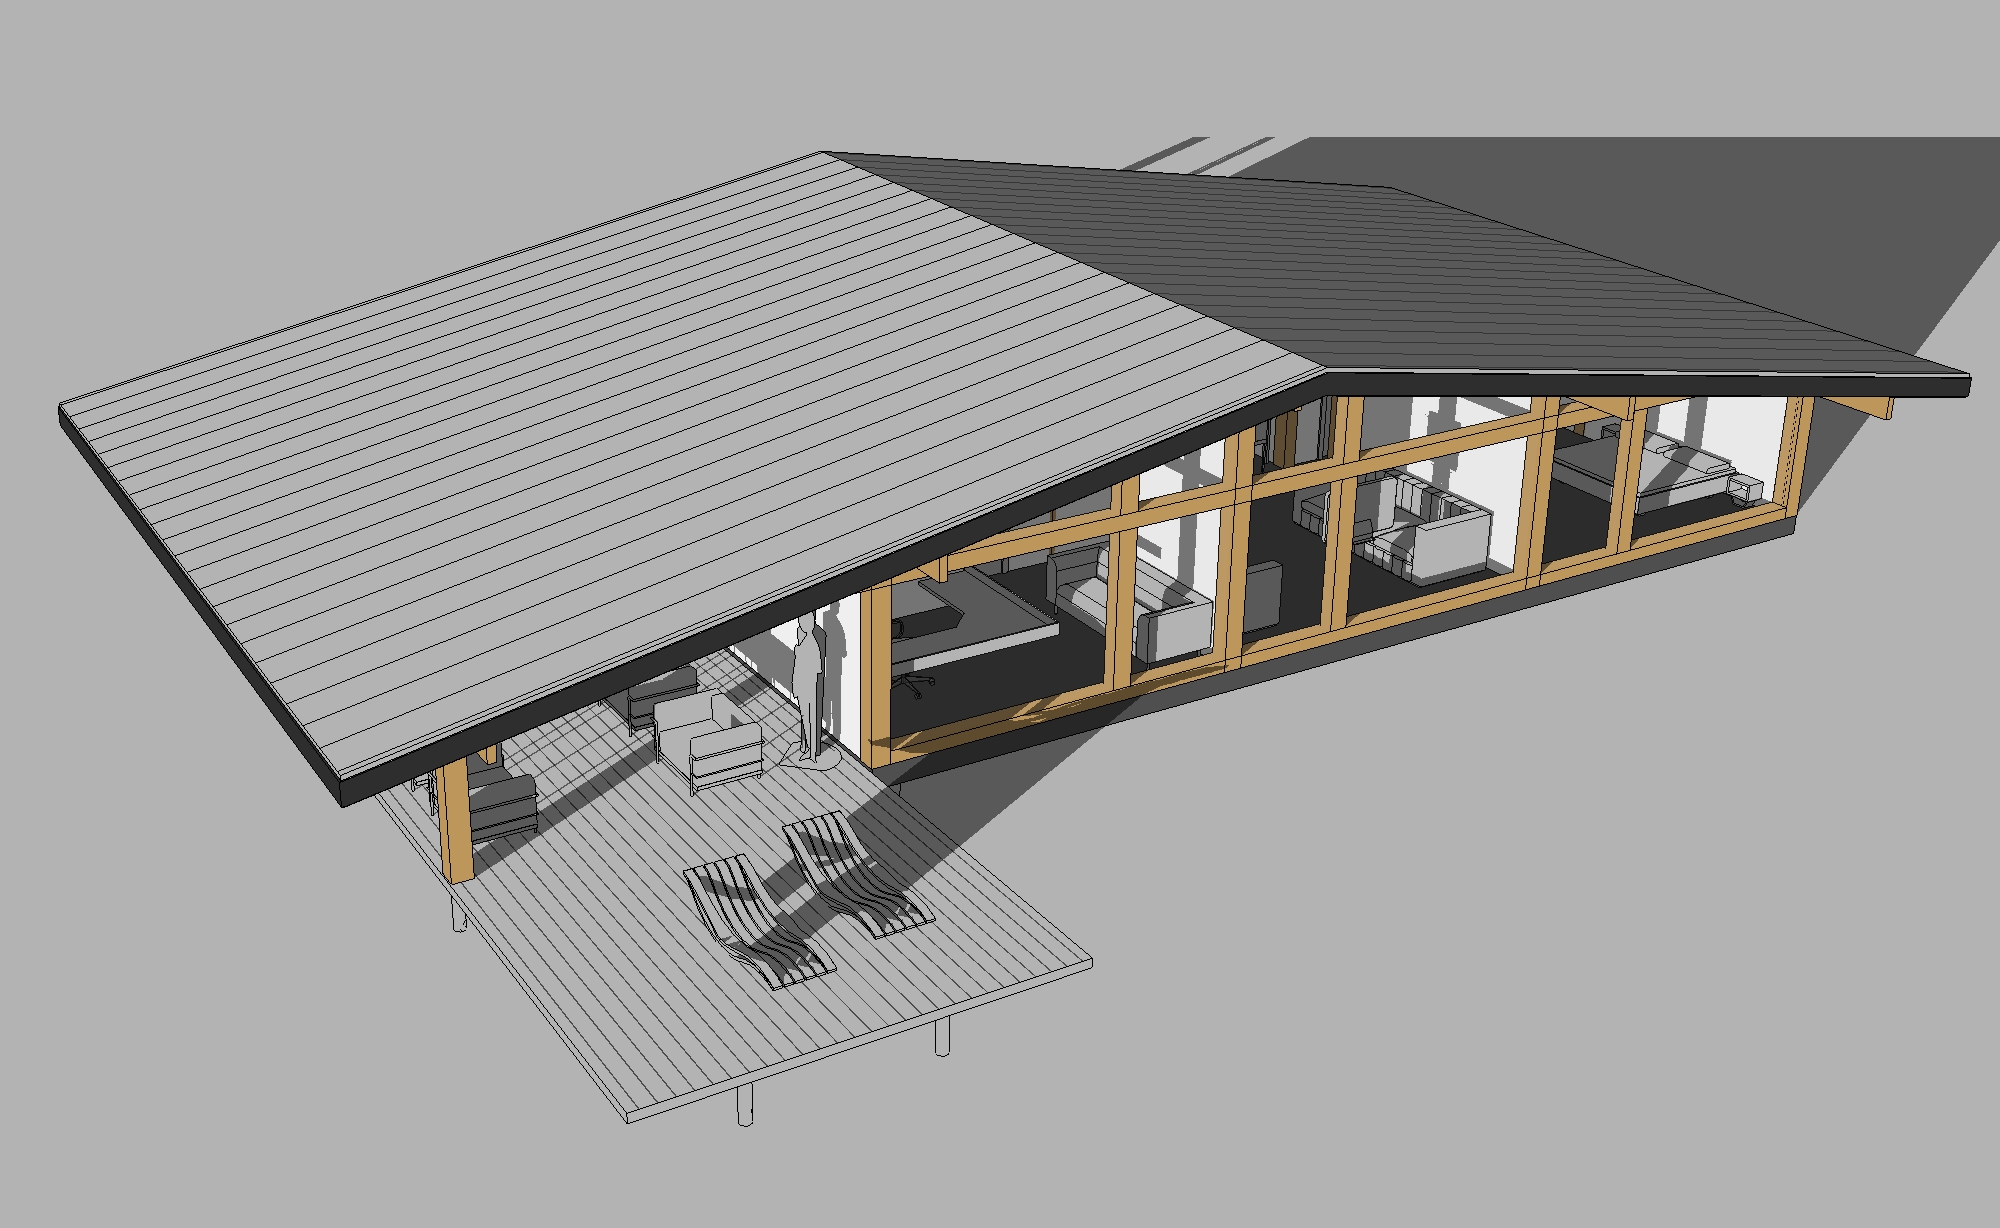 готовый проект одноэтажного фахверк